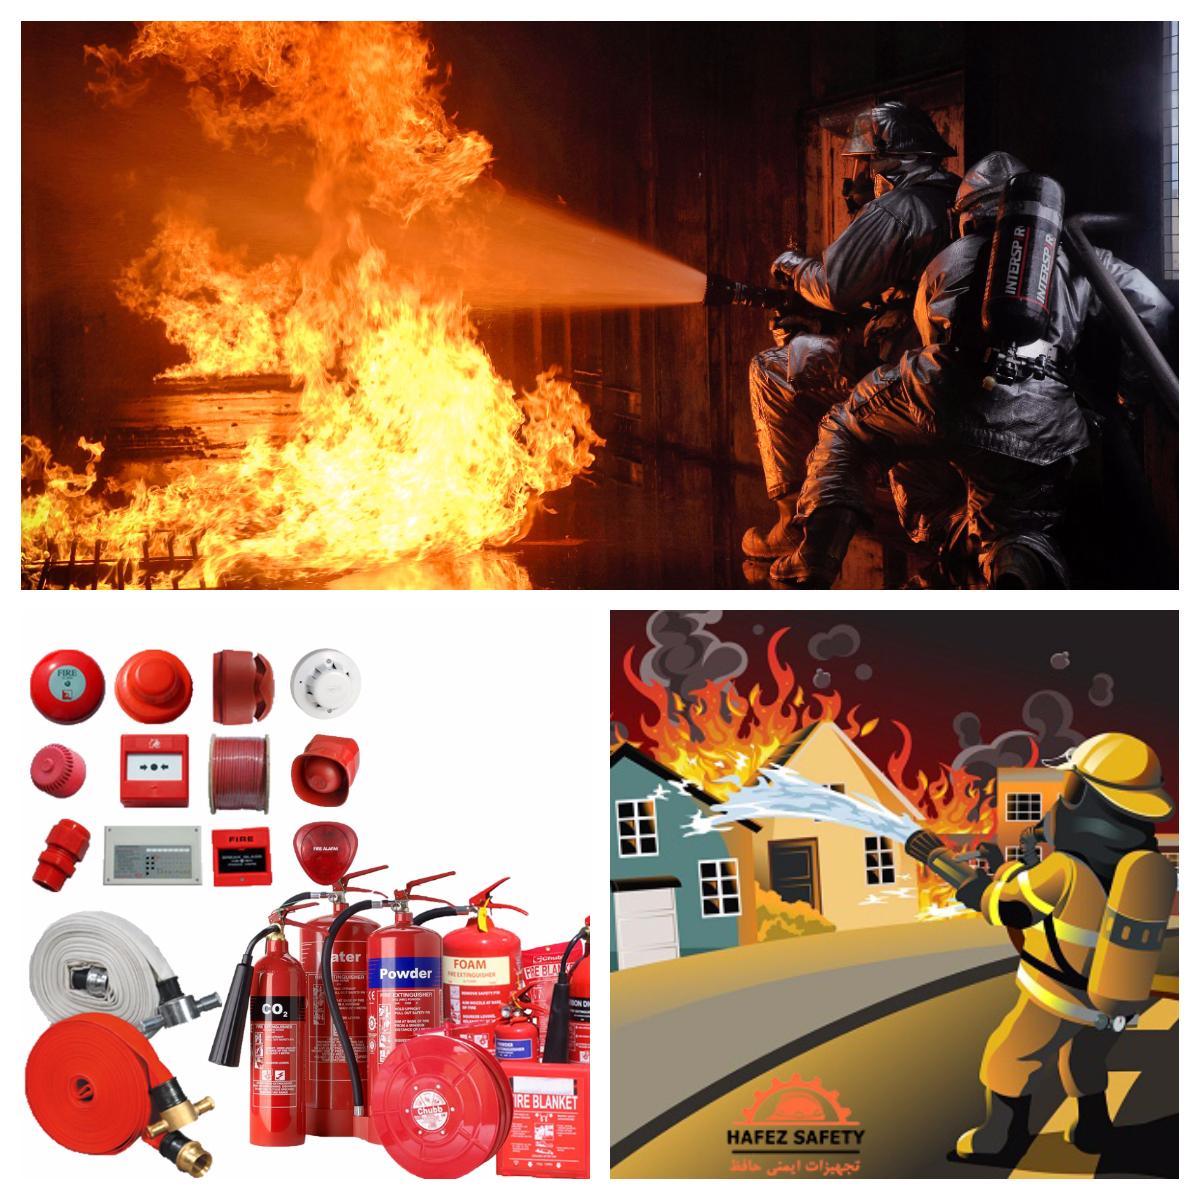 فروش و شارژ انواع کپسول آتش نشانی